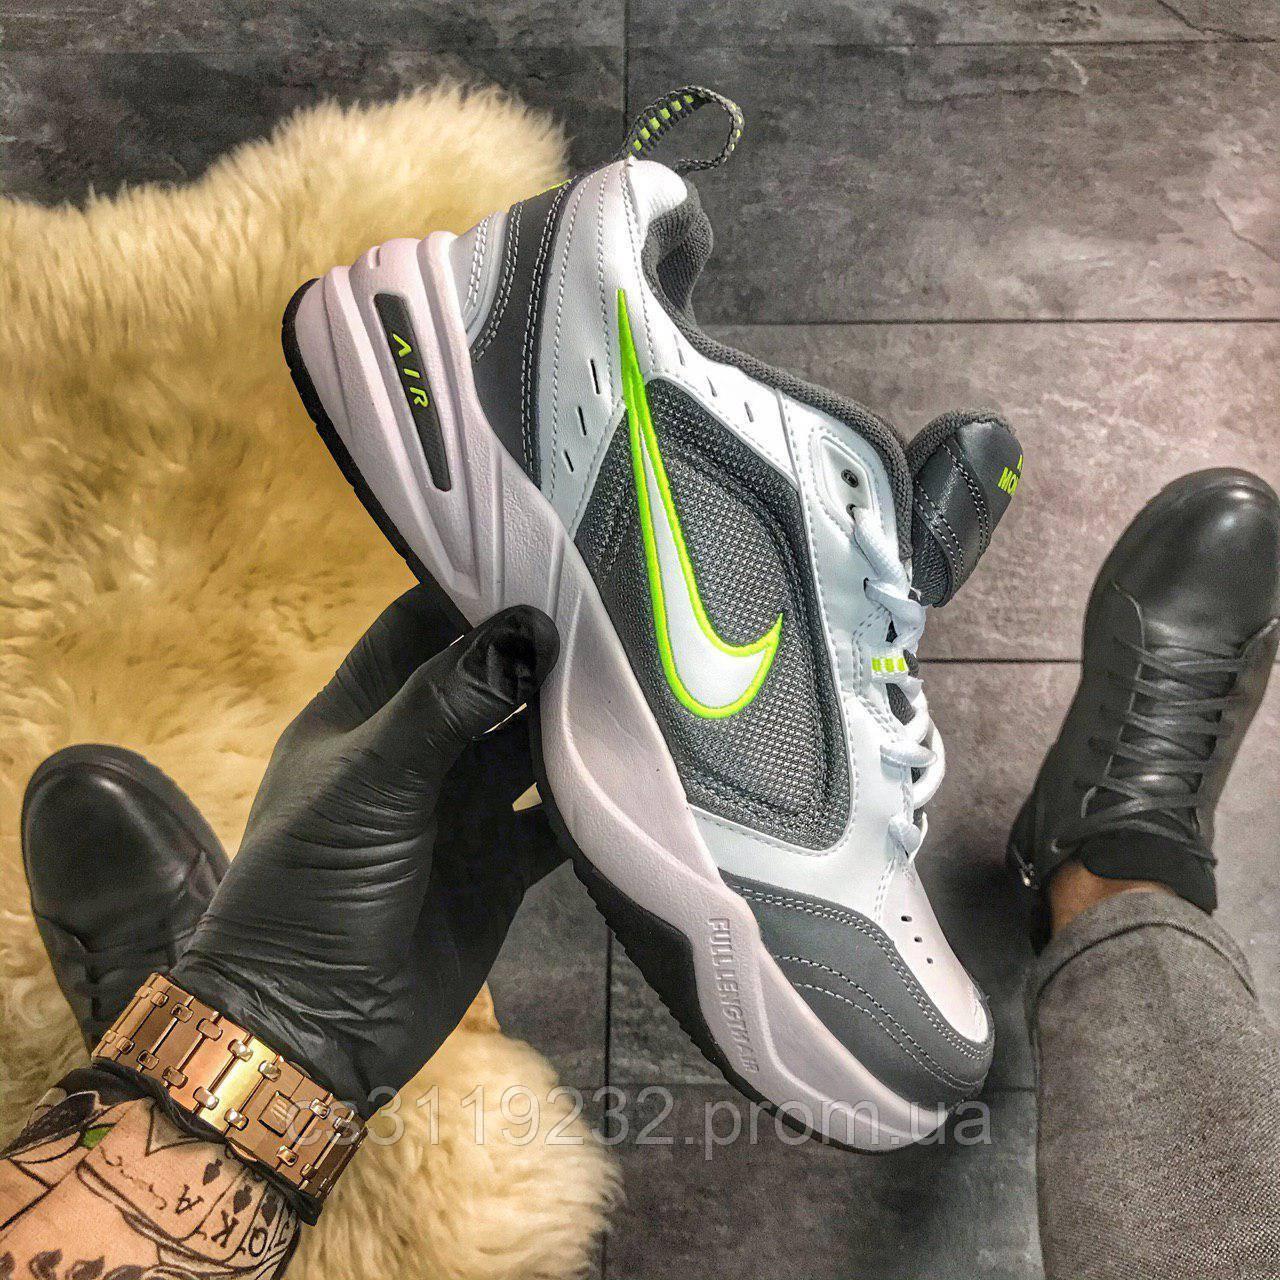 Чоловічі кросівки Nike Air Monarch IV Green Grey (біло-сірий)